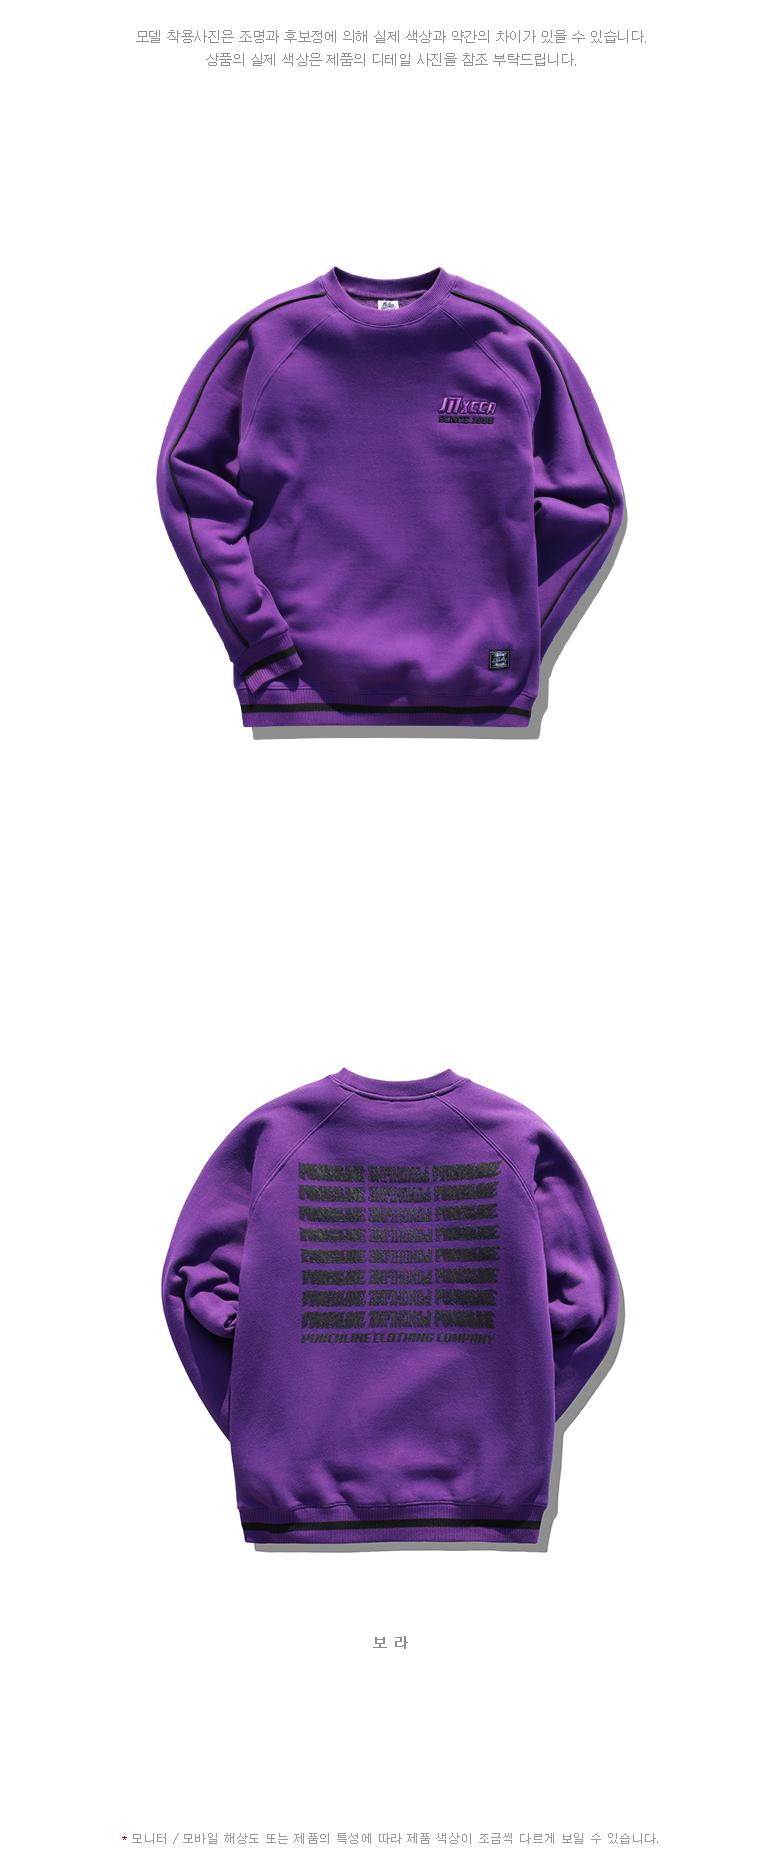 20180831_pl_KHMT6106_detail_violet_yr_01.jpg